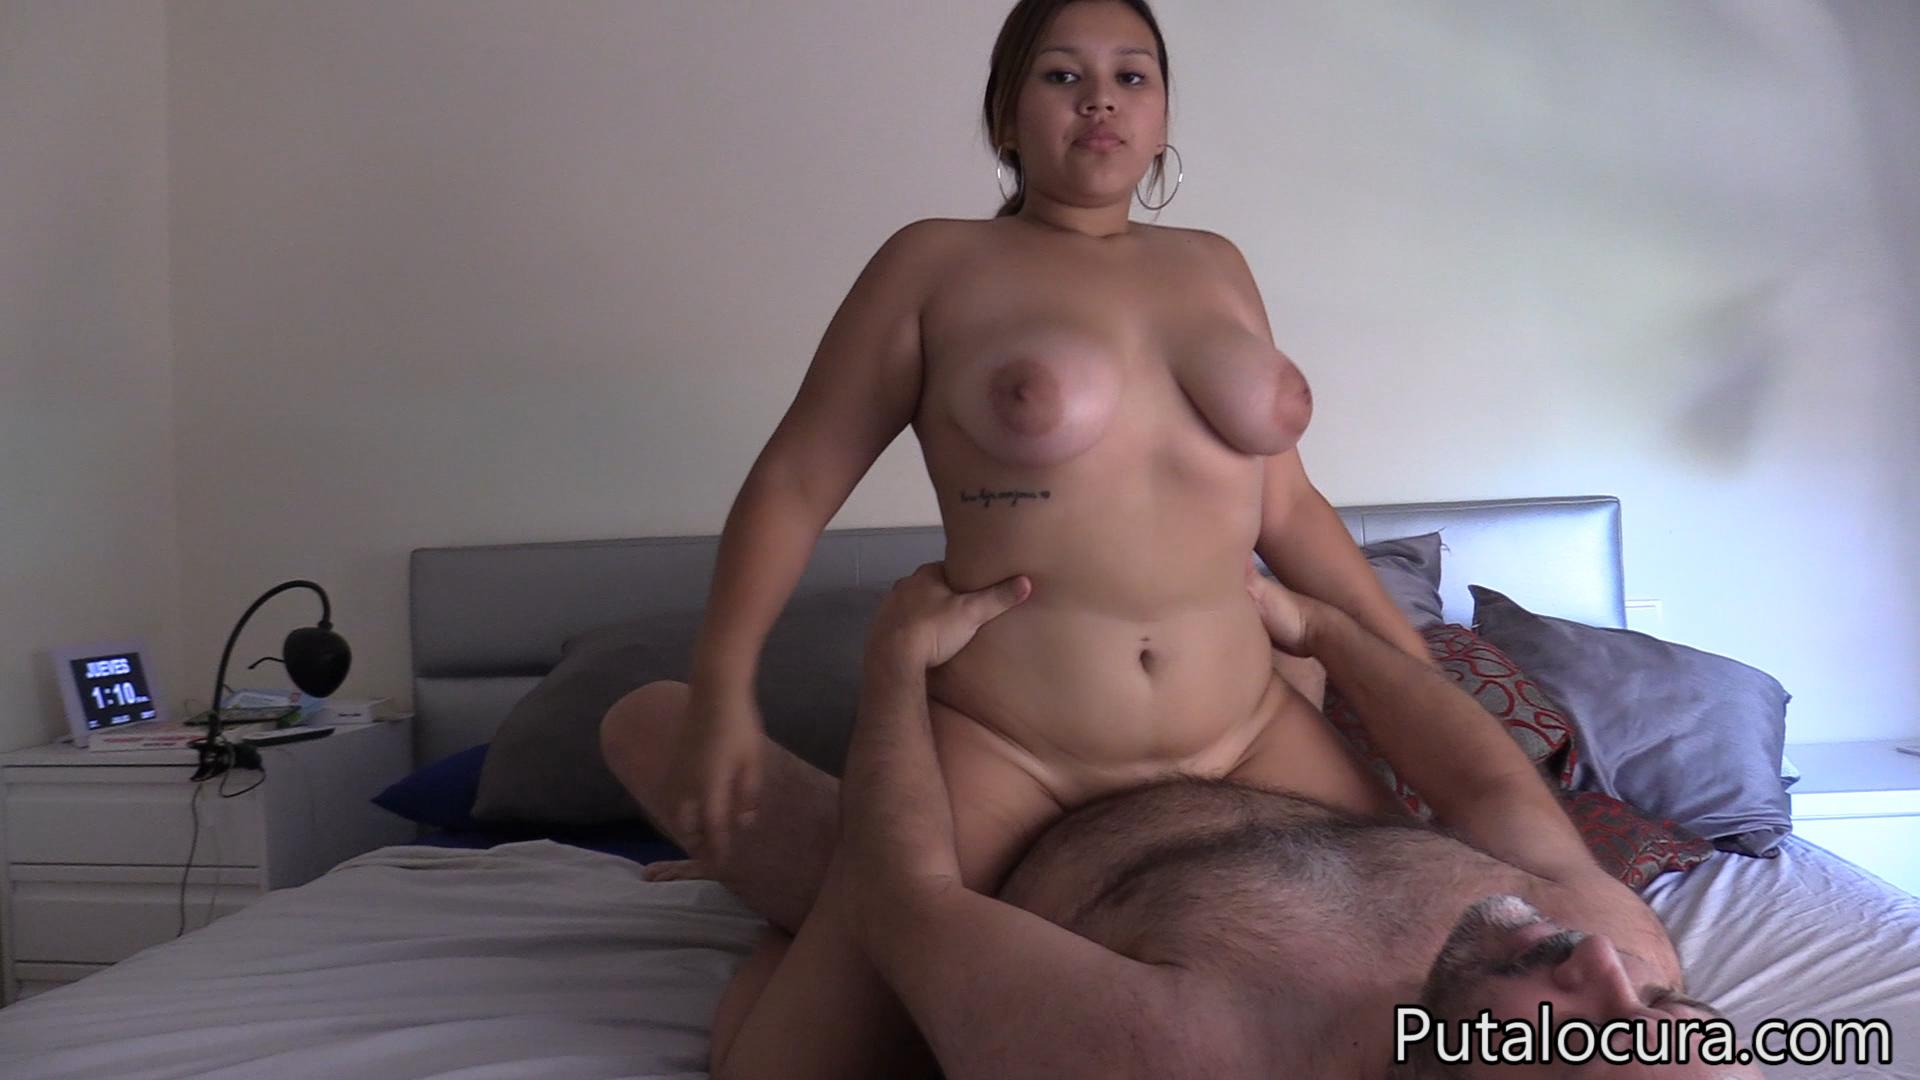 Putalocura порно